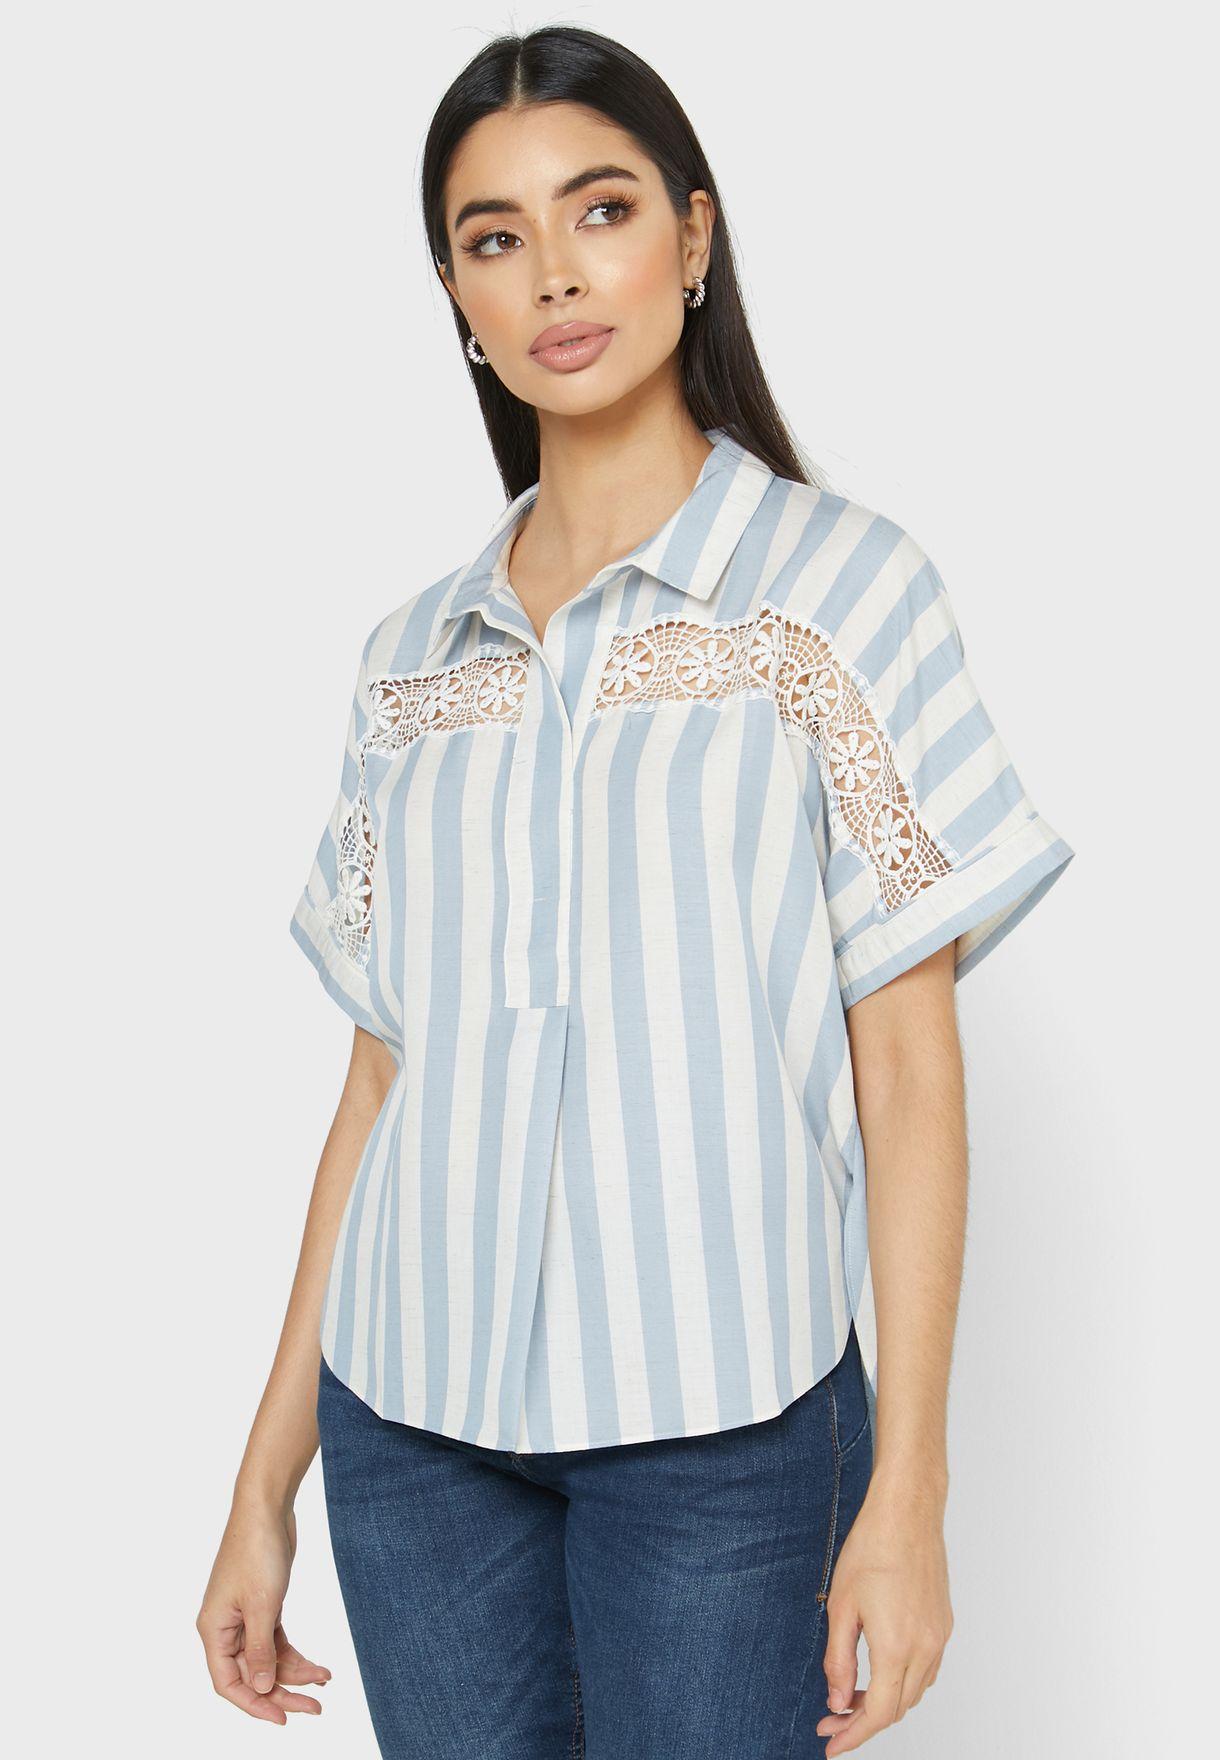 قميص بخطوط ودانتيل